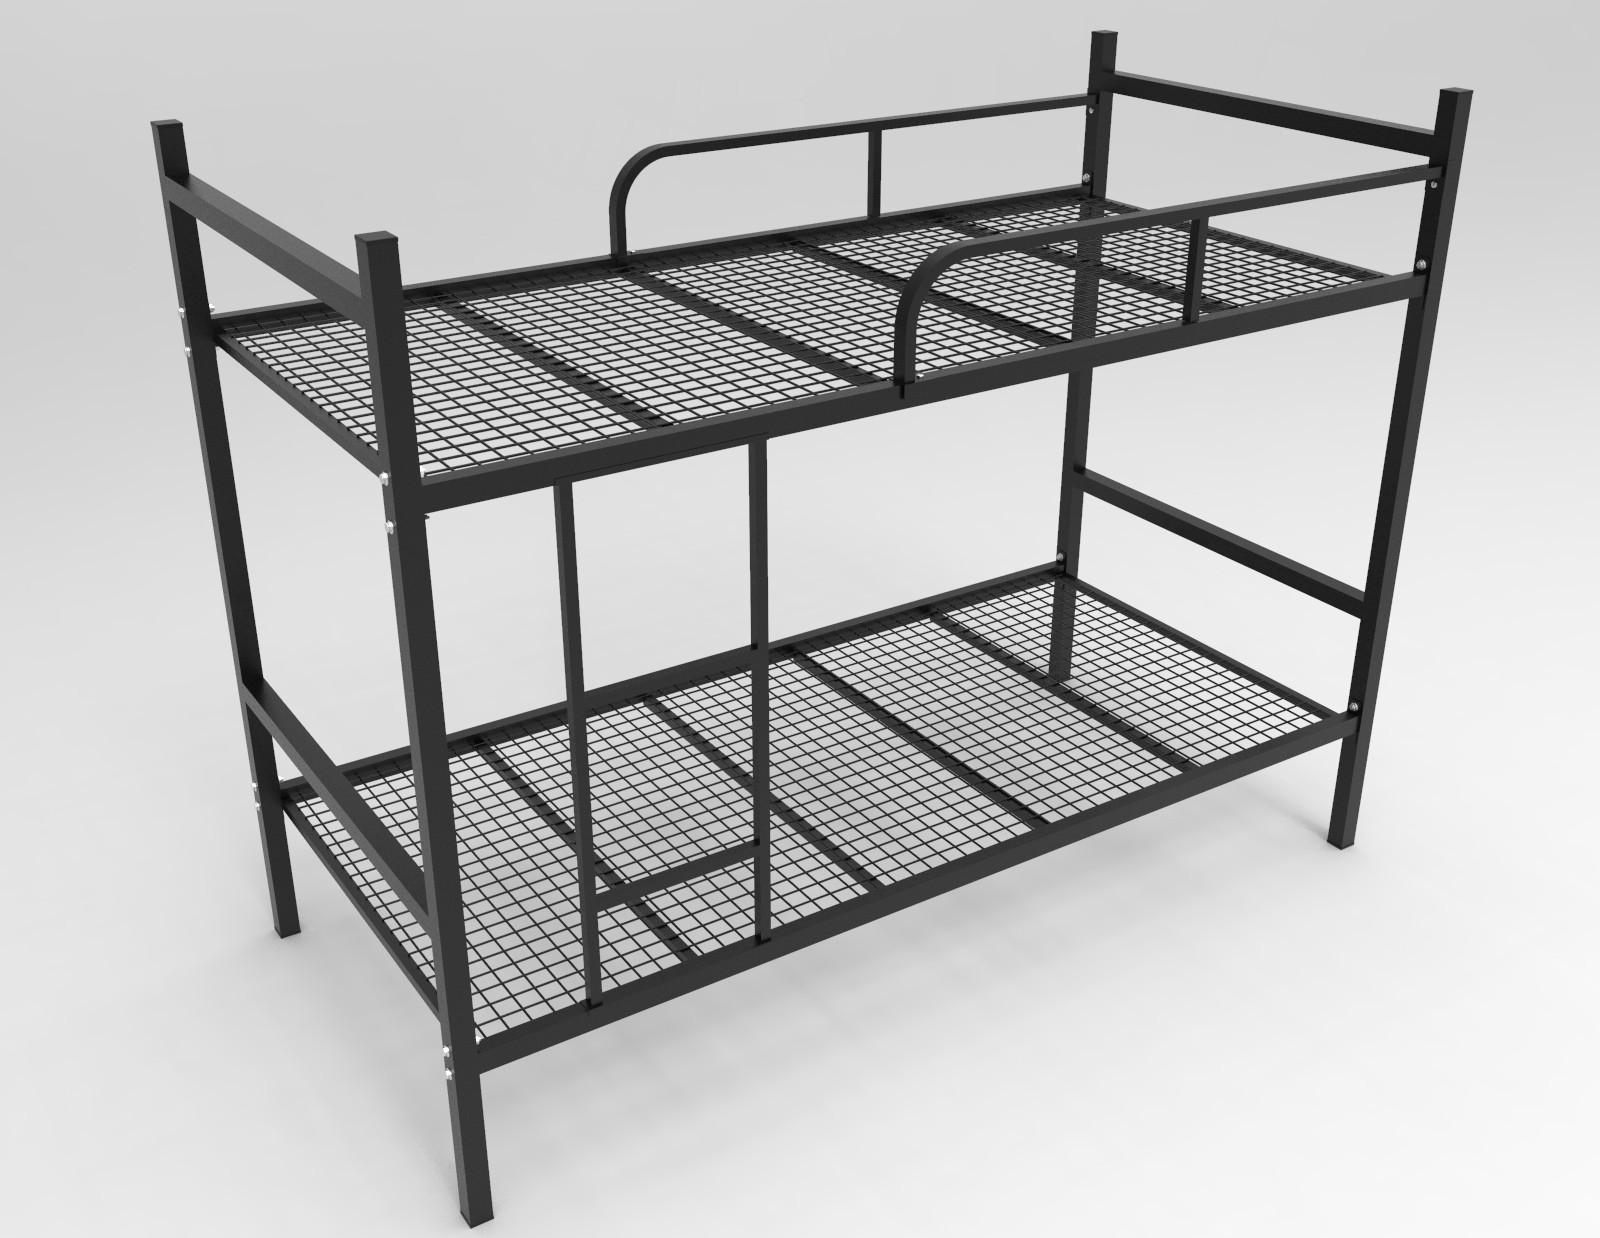 Lit Superposé 3 Étages lit superposé à étage 1600x2008x980mm